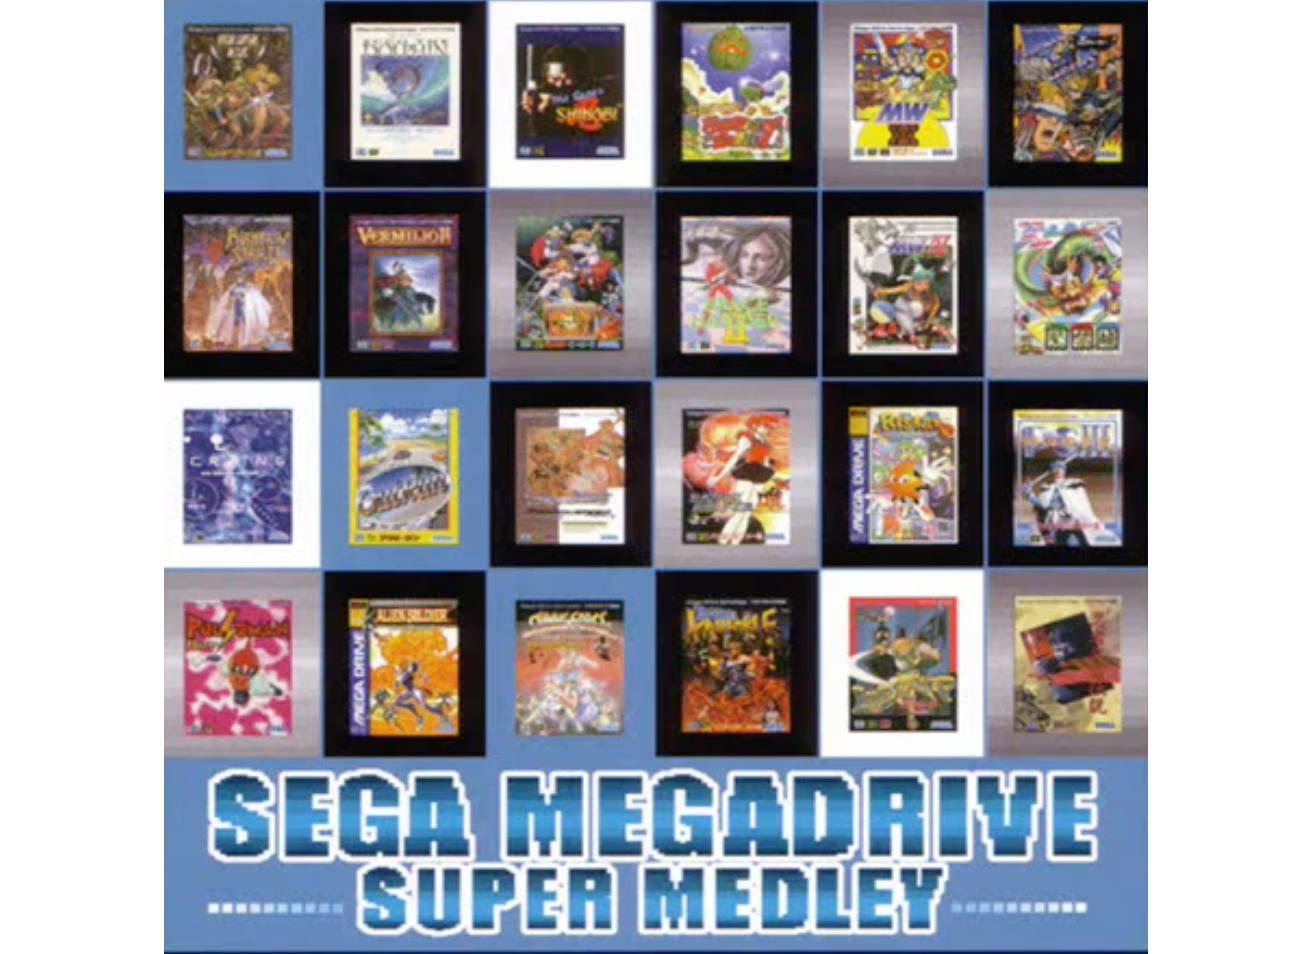 Sega Mega Drive Super Medley